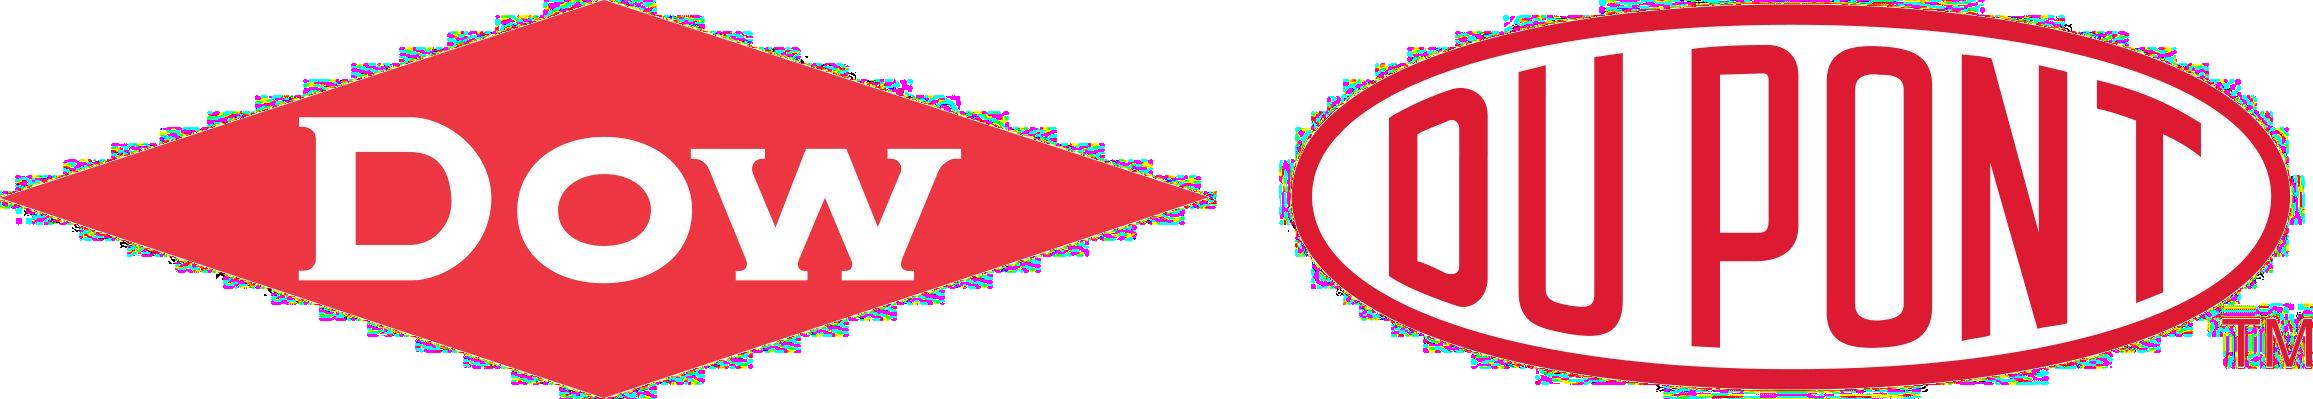 File:DowDuPont logo.png.